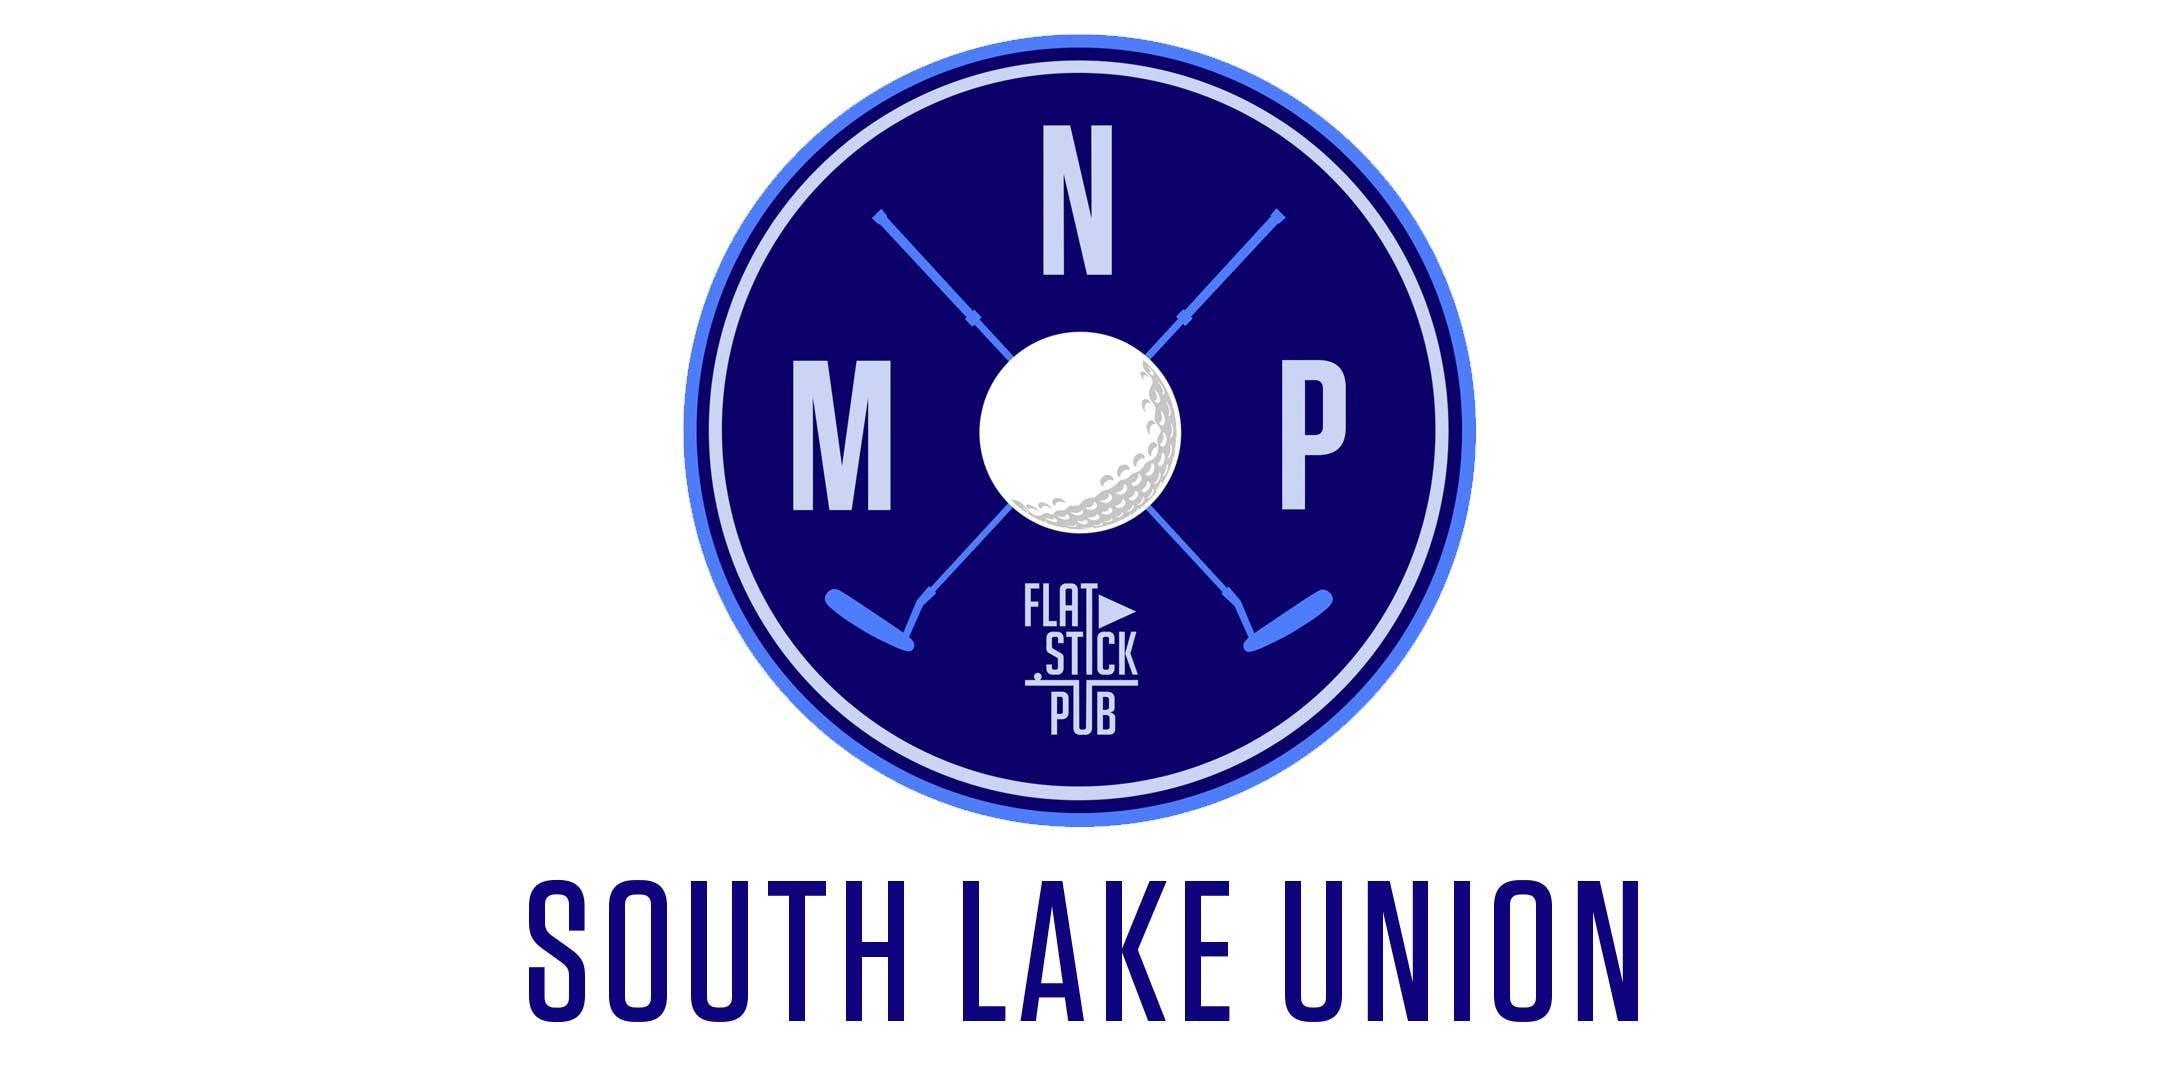 Flatstick Pub Monday Night Putters Winter 2019 - South Lake Union